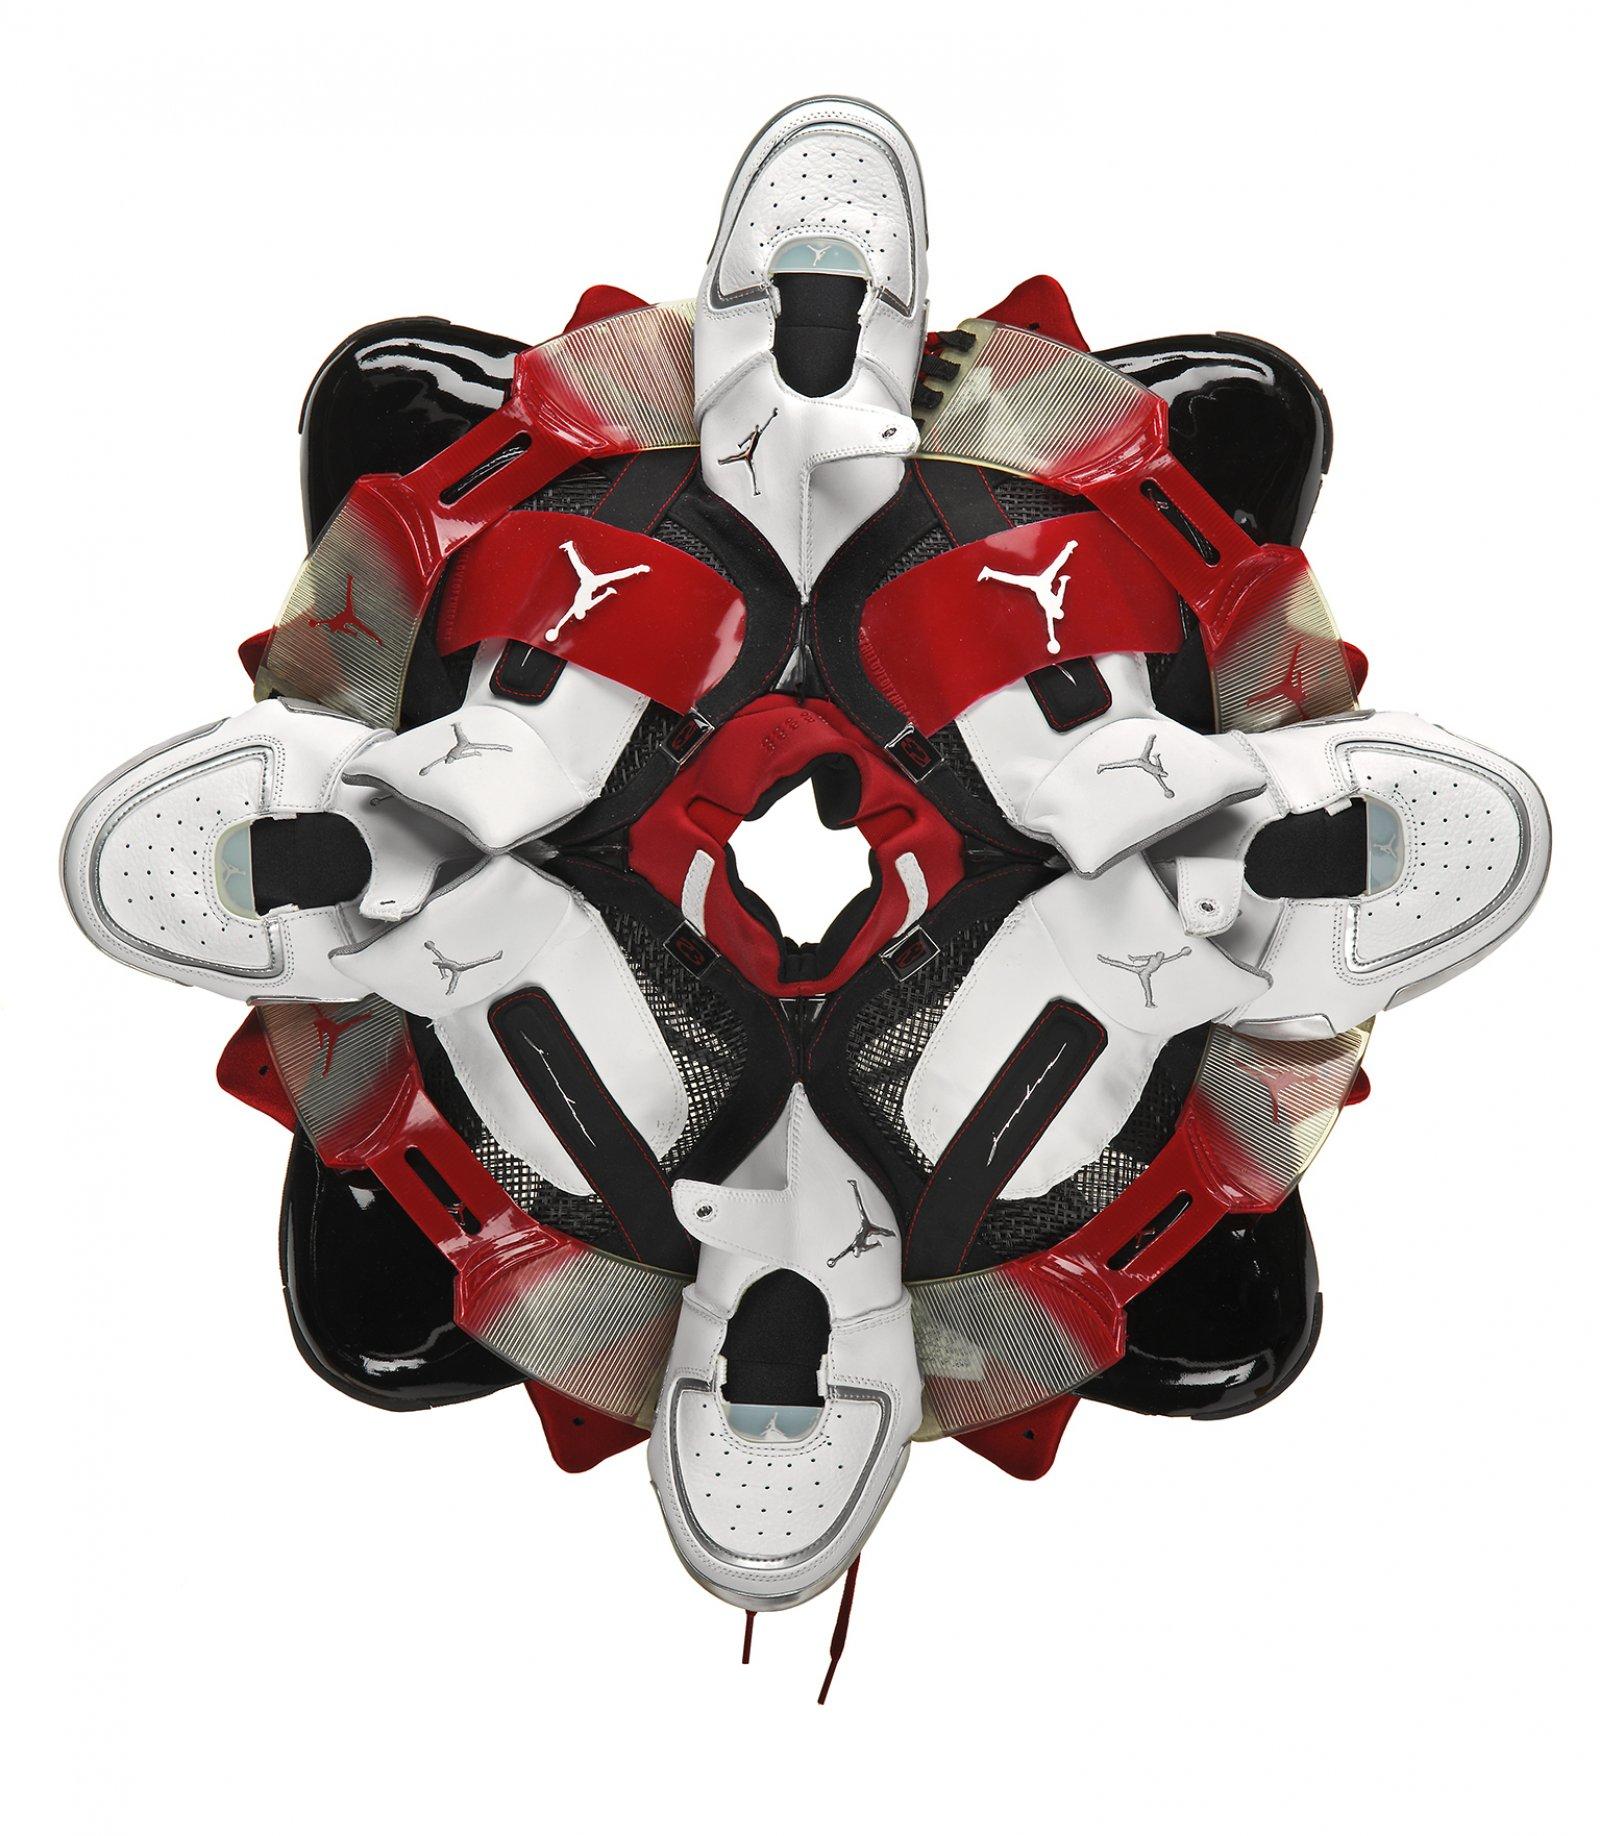 Brian Jungen, Prototype for New Understanding #19, 2004, nike air jordans, 24 x 24 x 8 in. (61 x 61 x 20 cm)